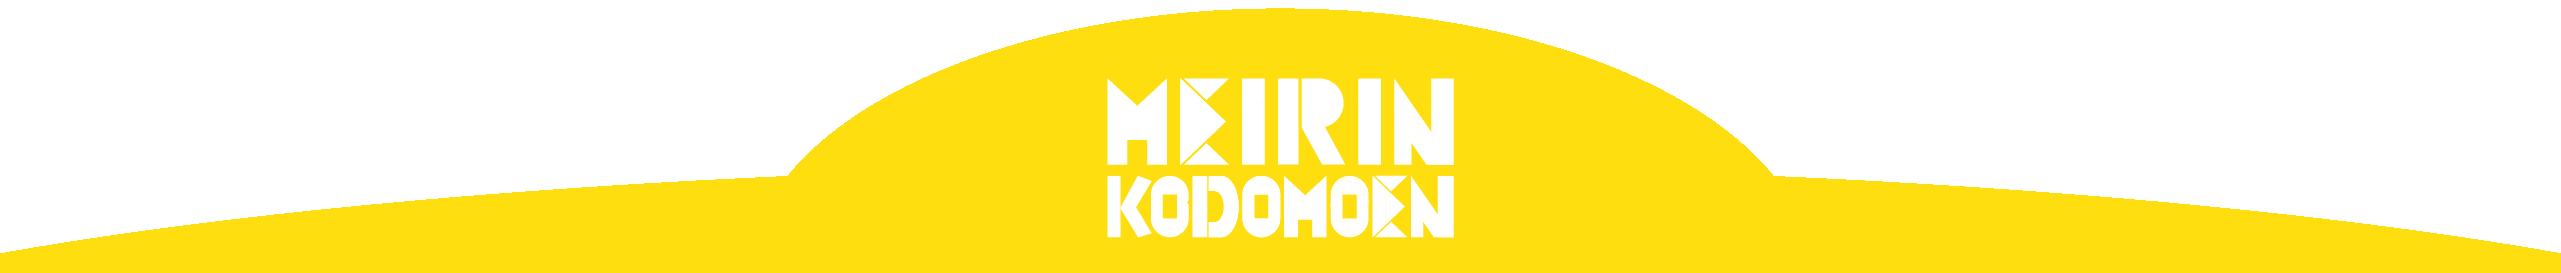 MEIRINKODOMOEN